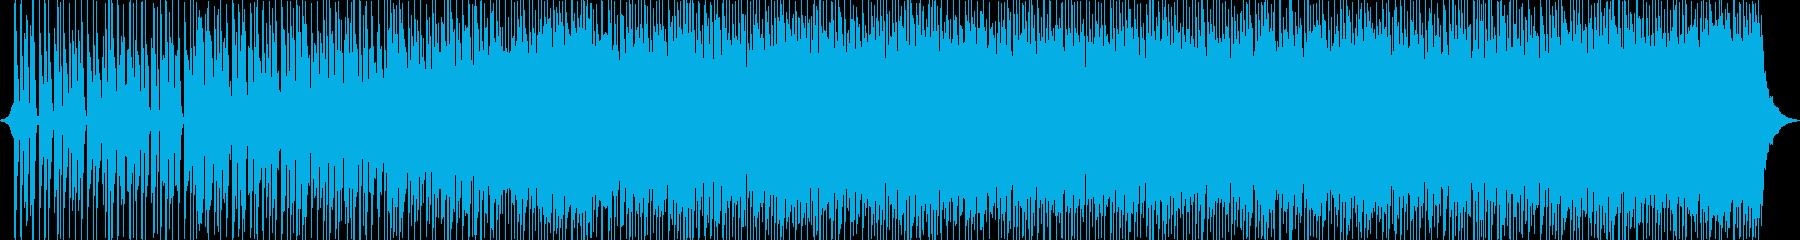 法人 技術的な 説明的 お洒落 ク...の再生済みの波形